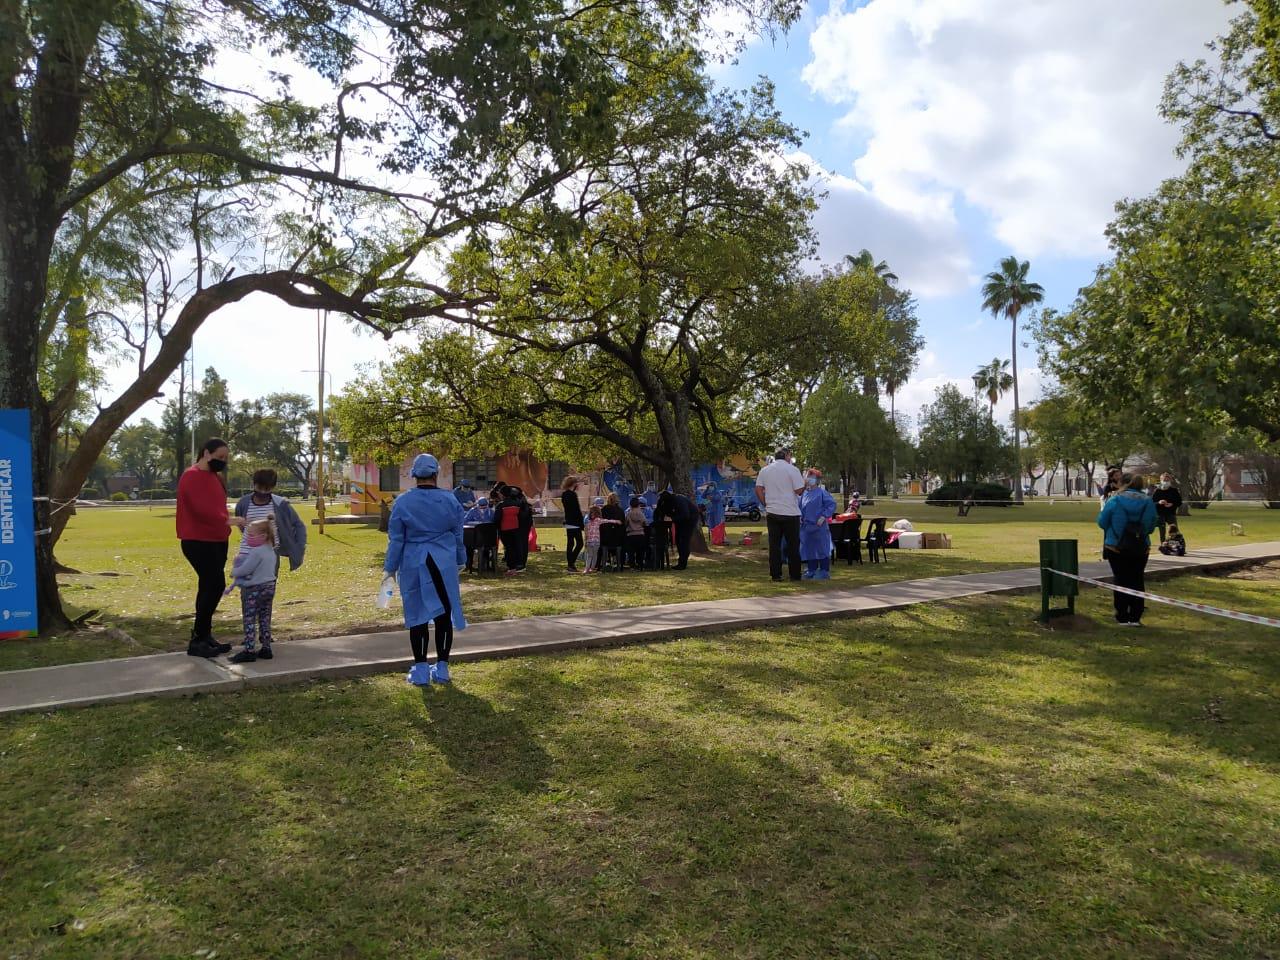 Operativos Identificar: el viernes estarán en la Plaza Vélez Sarsfield